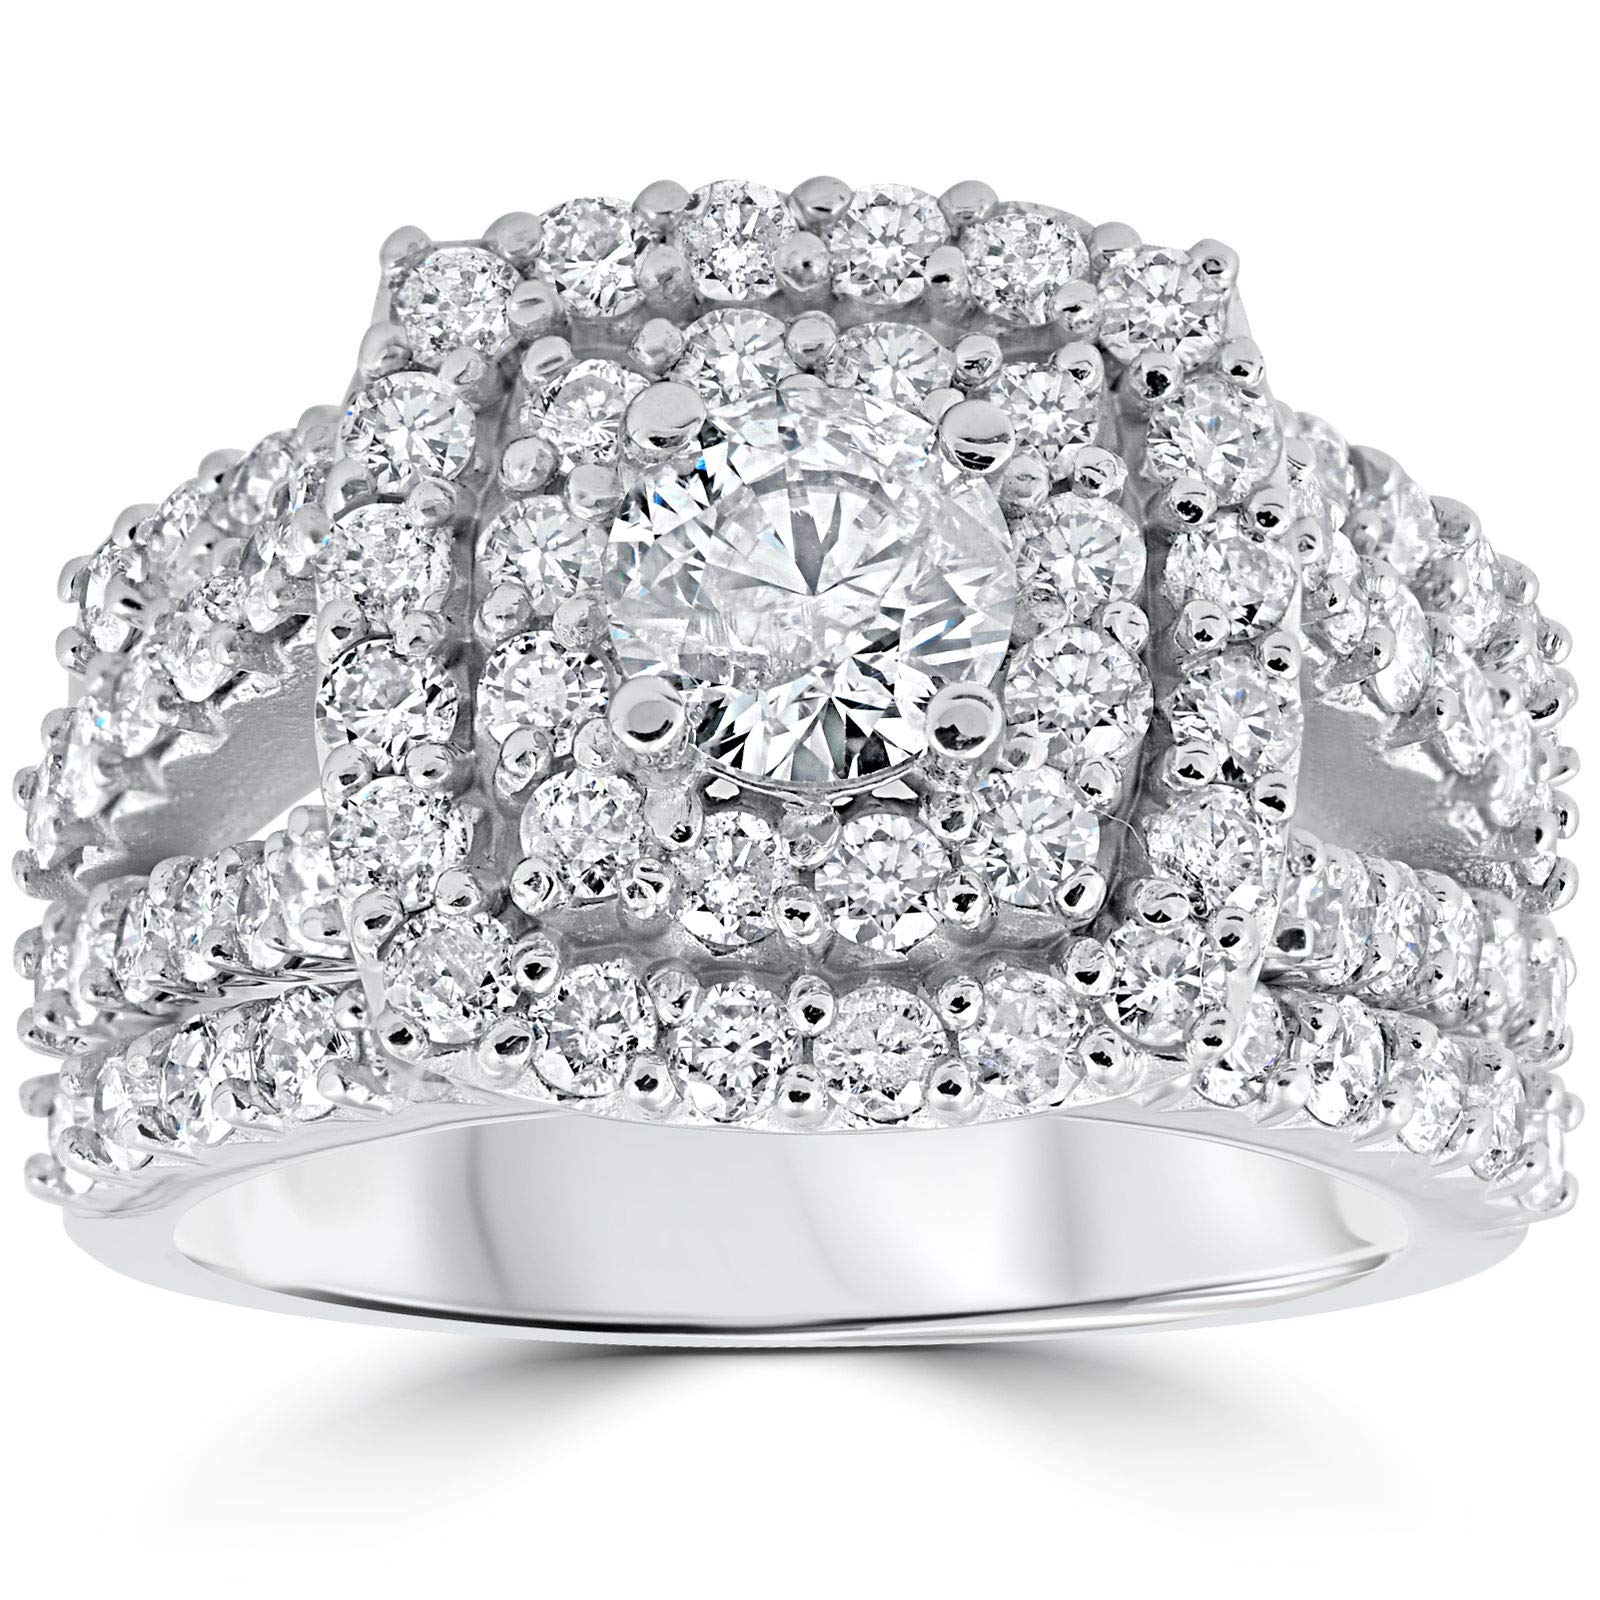 3 ct Diamond Engagement Wedding Cushion Halo Ring Set 10k White Gold - Size 9